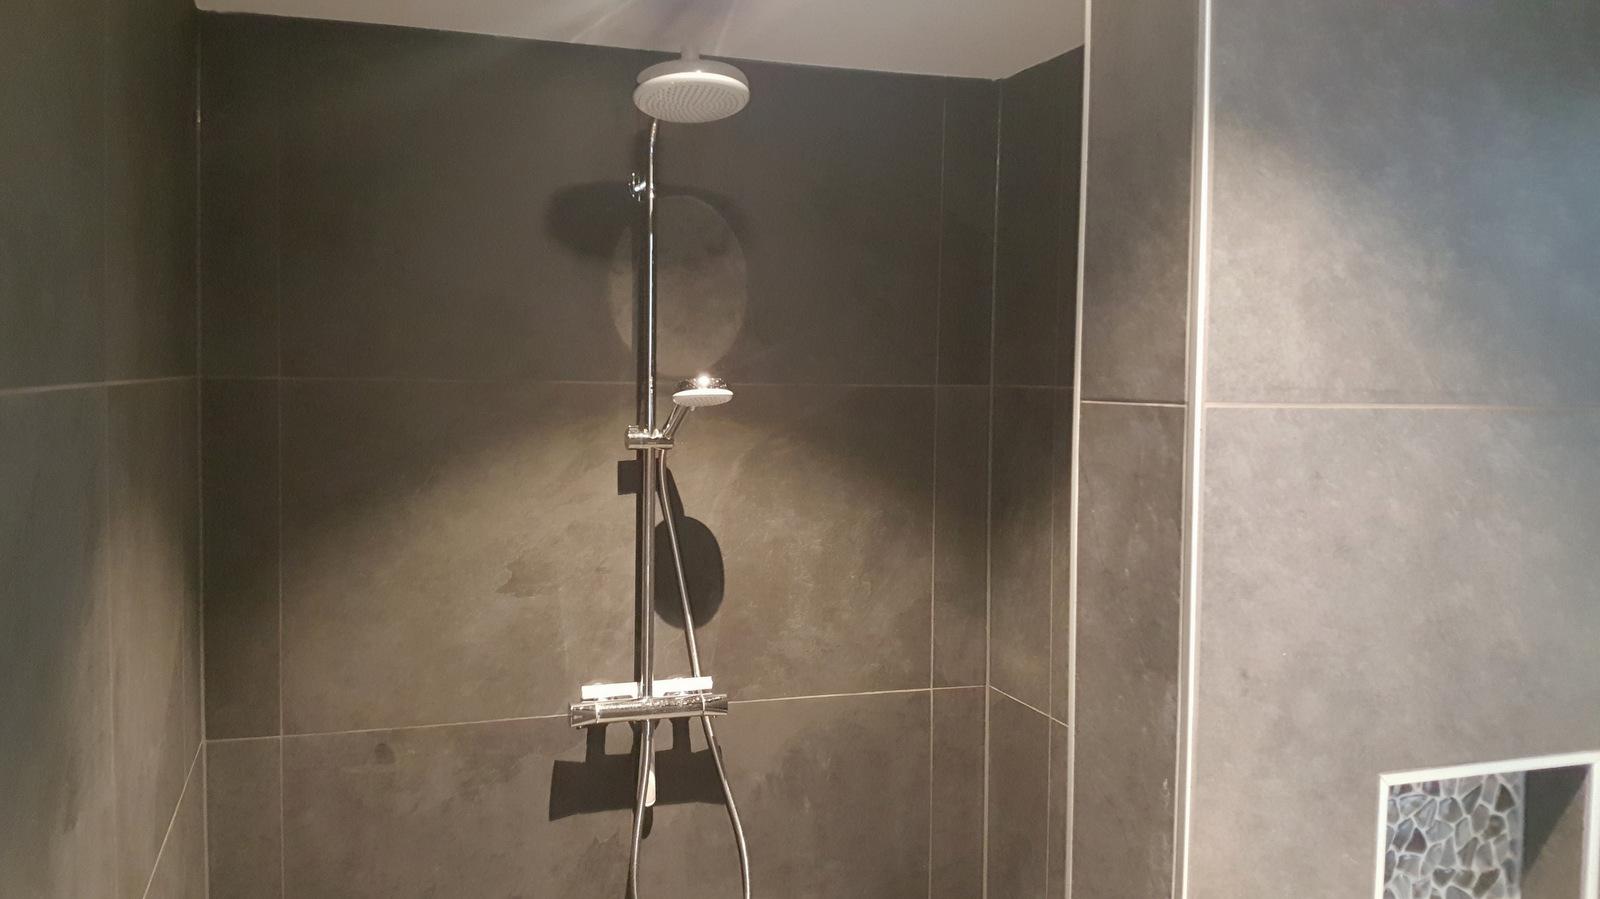 Aanbouw woning lisse badkamer douche de wilde bouw katwijk